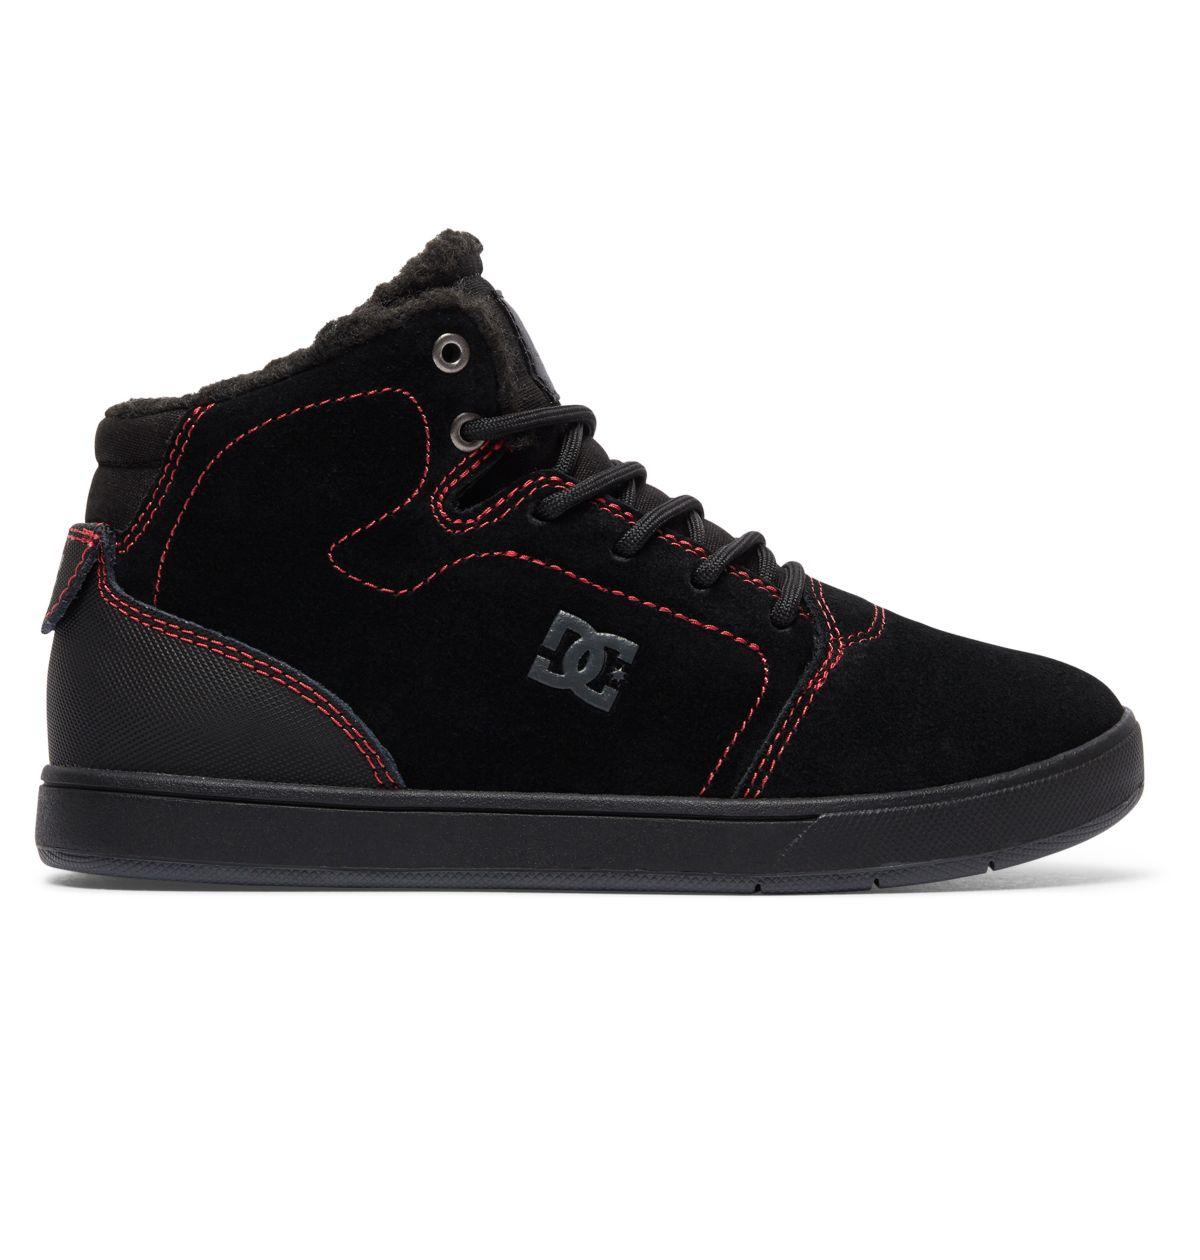 cc24bdde7f0b6 DC Shoes High Top Schuhe »Crisis HighWNT«